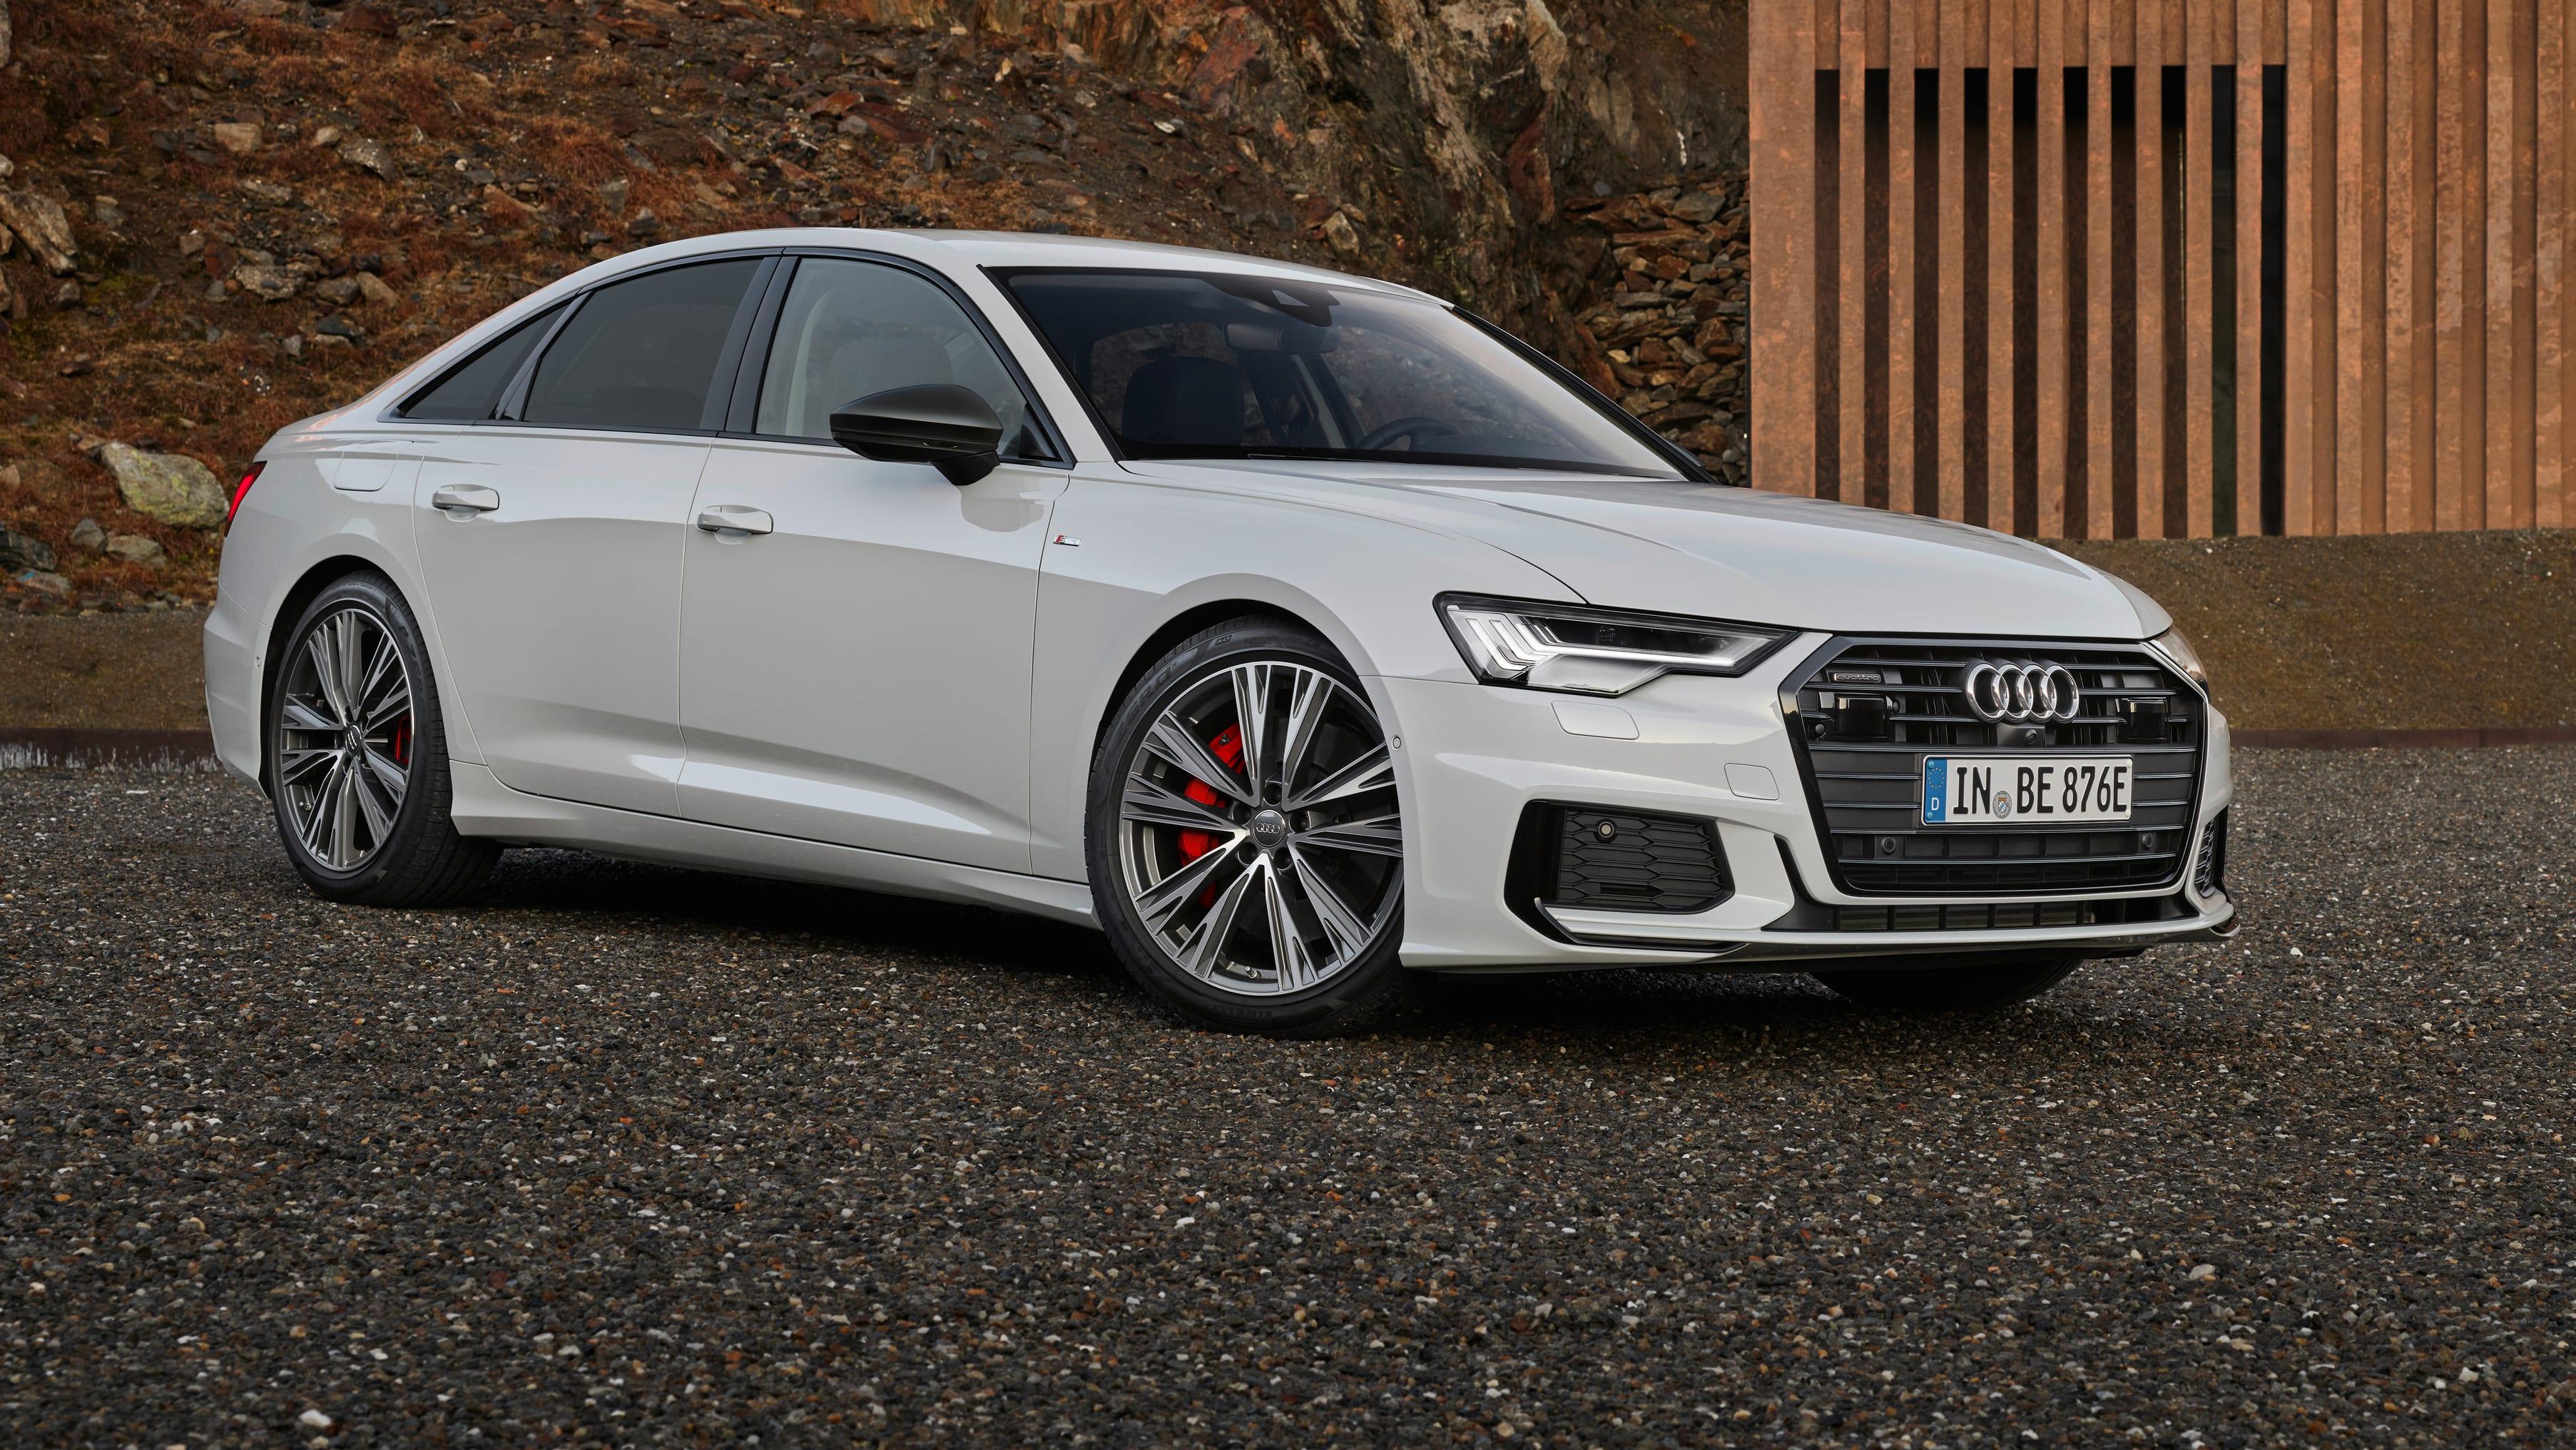 Kekurangan Audi A6 Sedan Spesifikasi